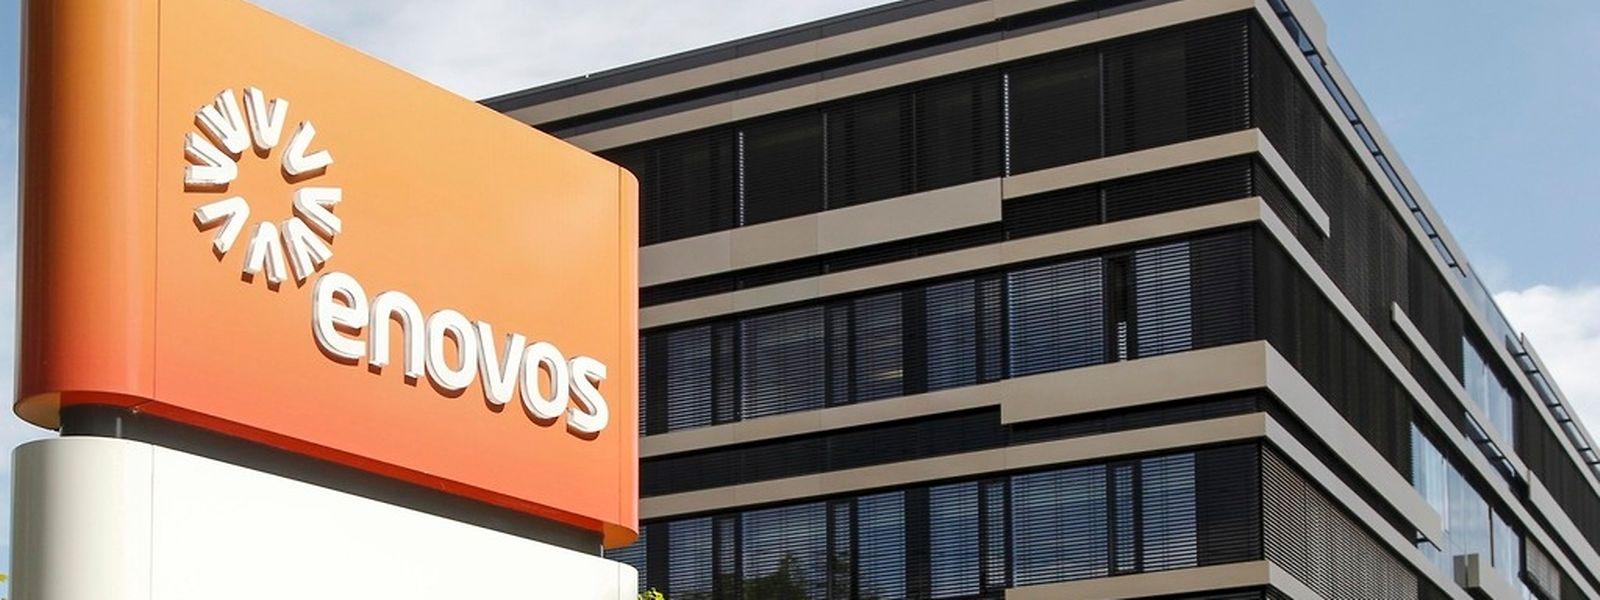 Jean Lucius assumera la fonction de CEO et de président du comité de direction d'Enovos International, la société-mère à la tête du groupe Enovos.  (Photo: Guy Jallay)